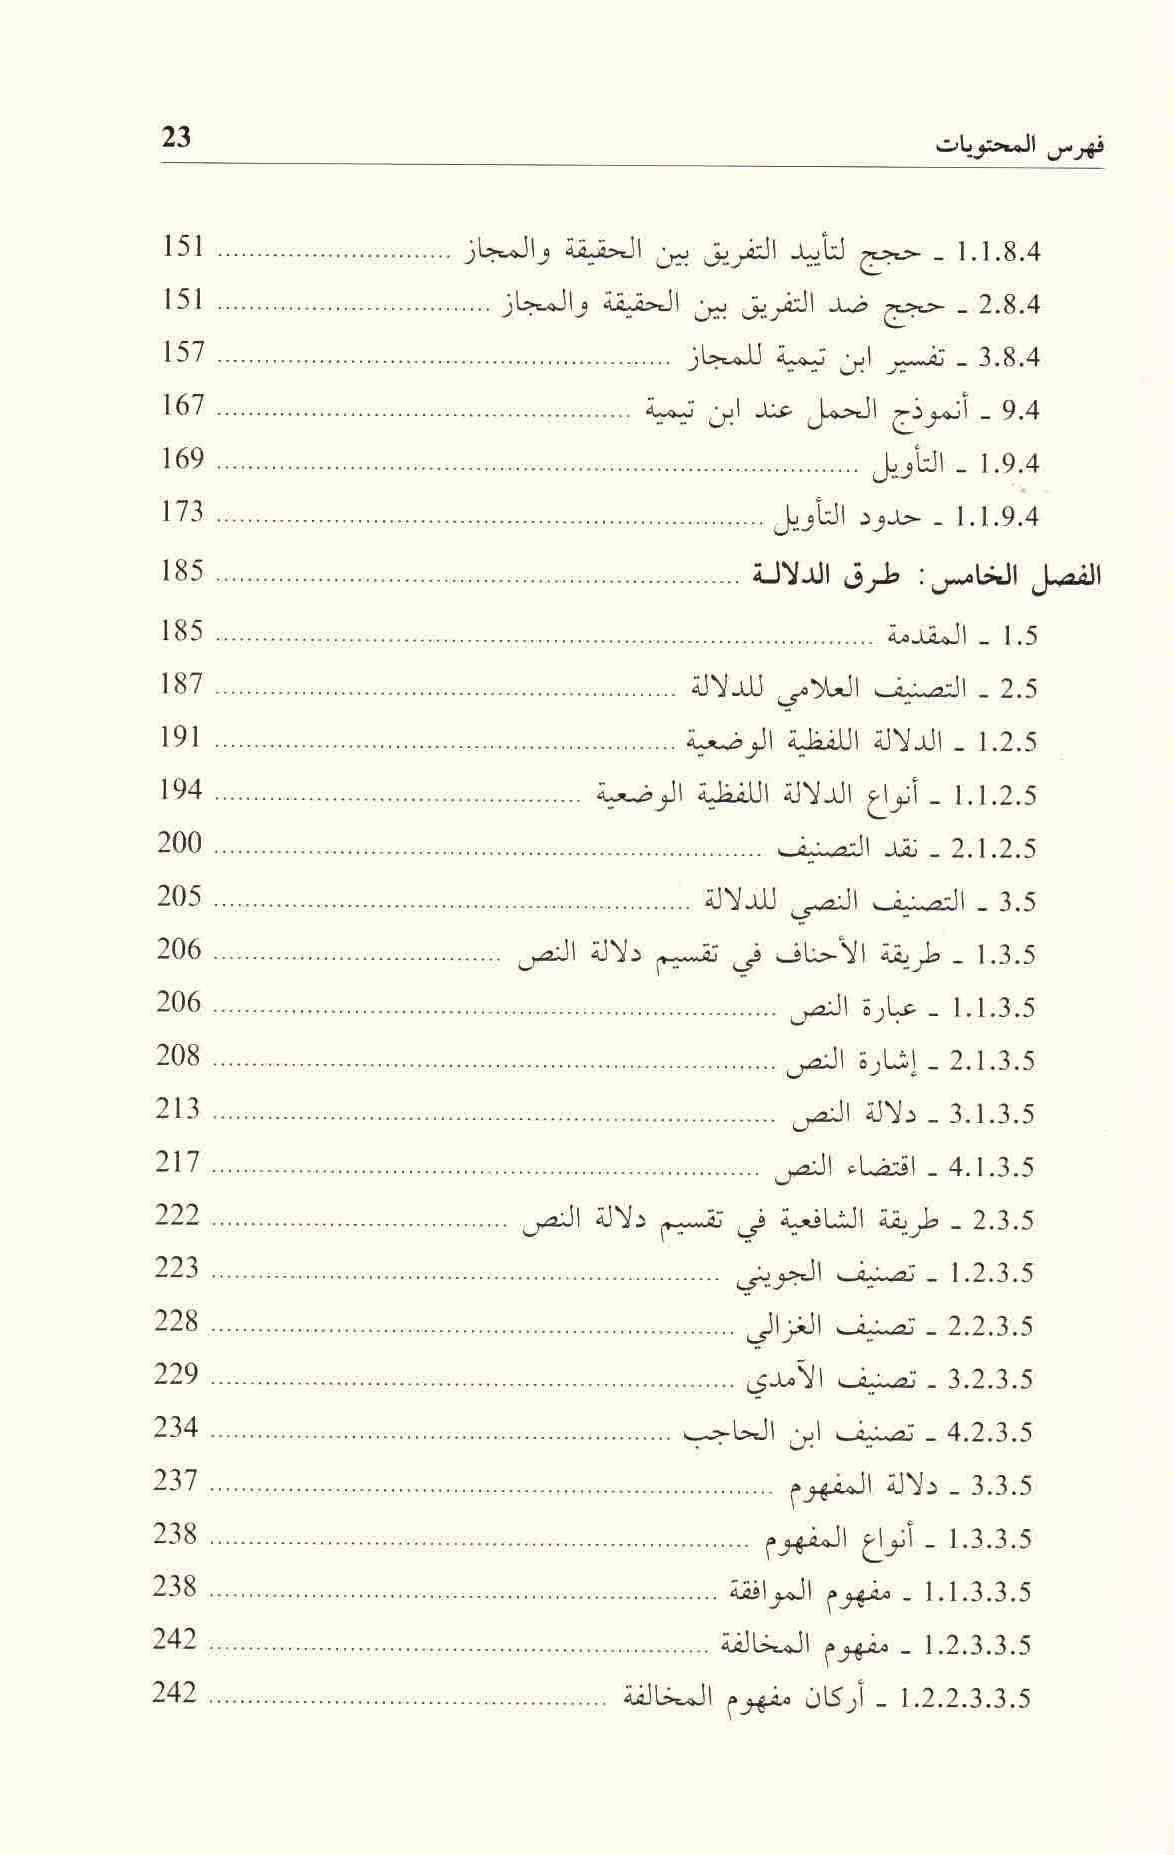 ص23 محتويات كتاب علم التخاطب الإسلامي